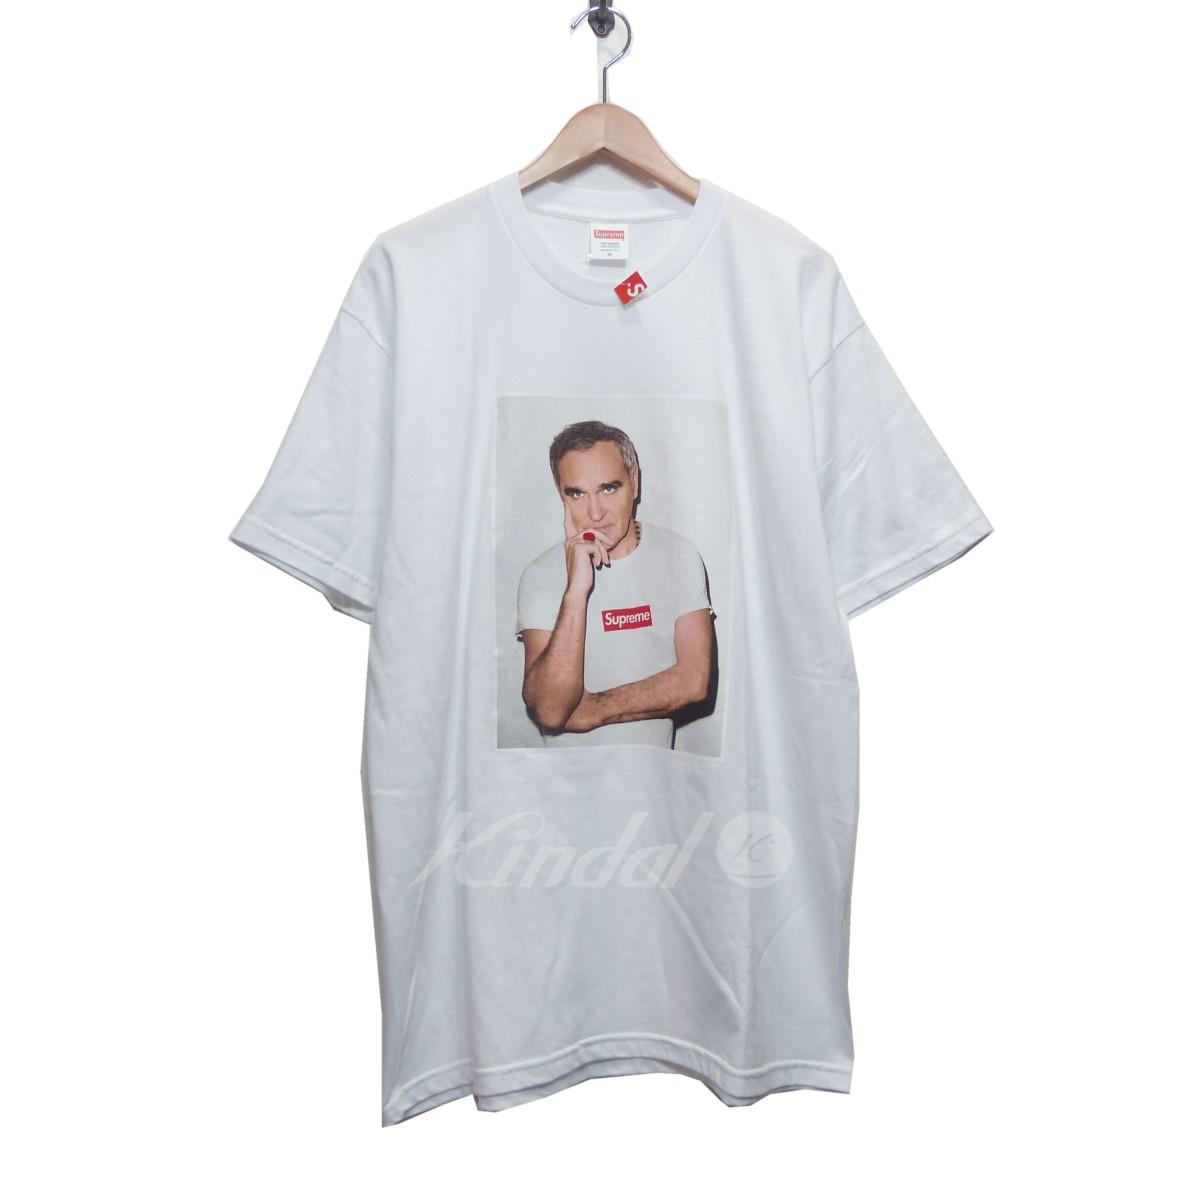 【中古】SUPREME シュプリーム 2016SS Morrissey Tee プリント Tシャツ ホワイト サイズ:XL 【送料無料】 【080518】(シュプリーム)